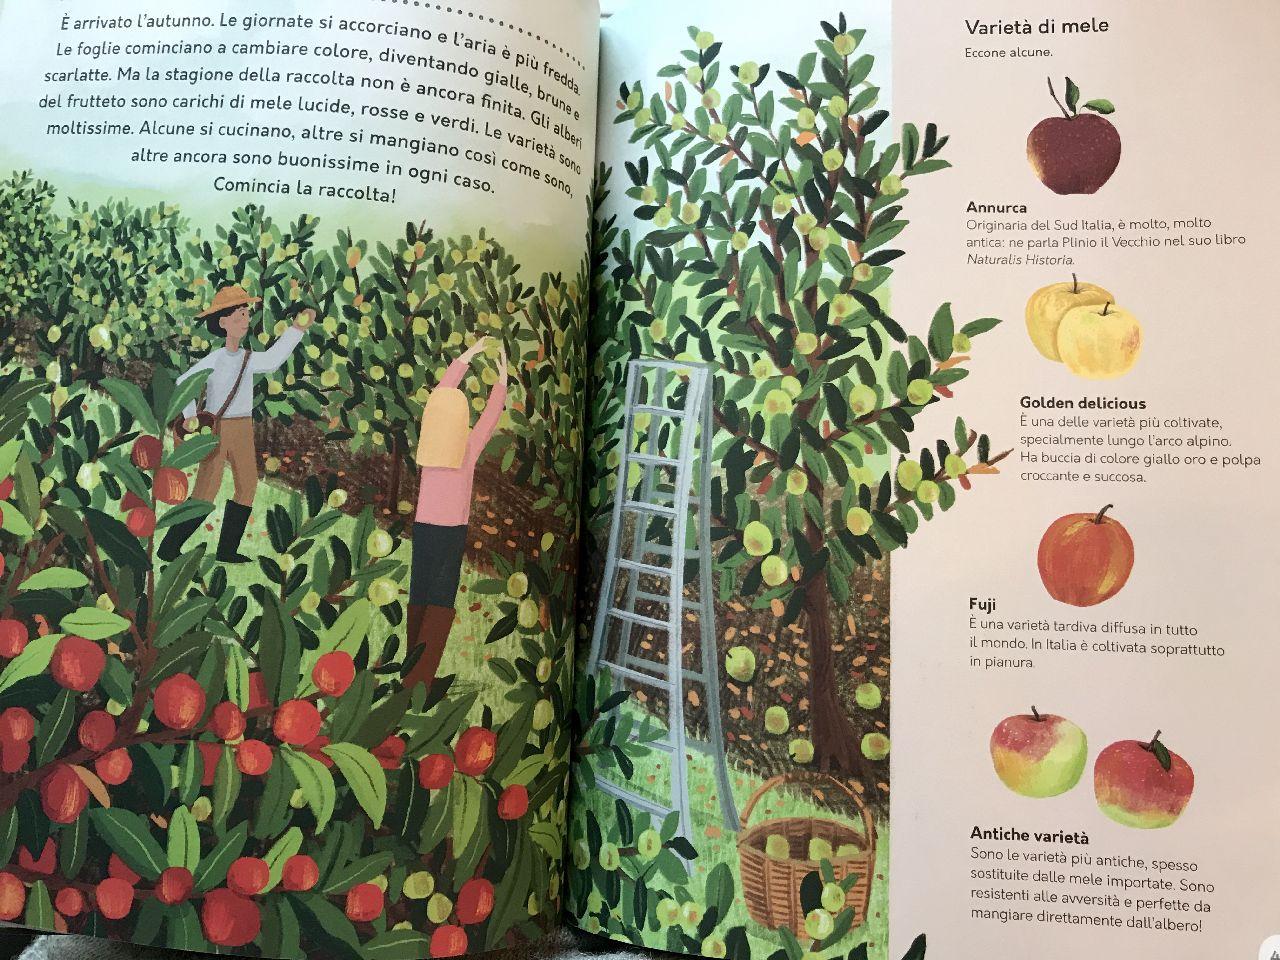 Nancy Castaldo - Ginnie Hsu, Un anno in fattoria, Slow food editore